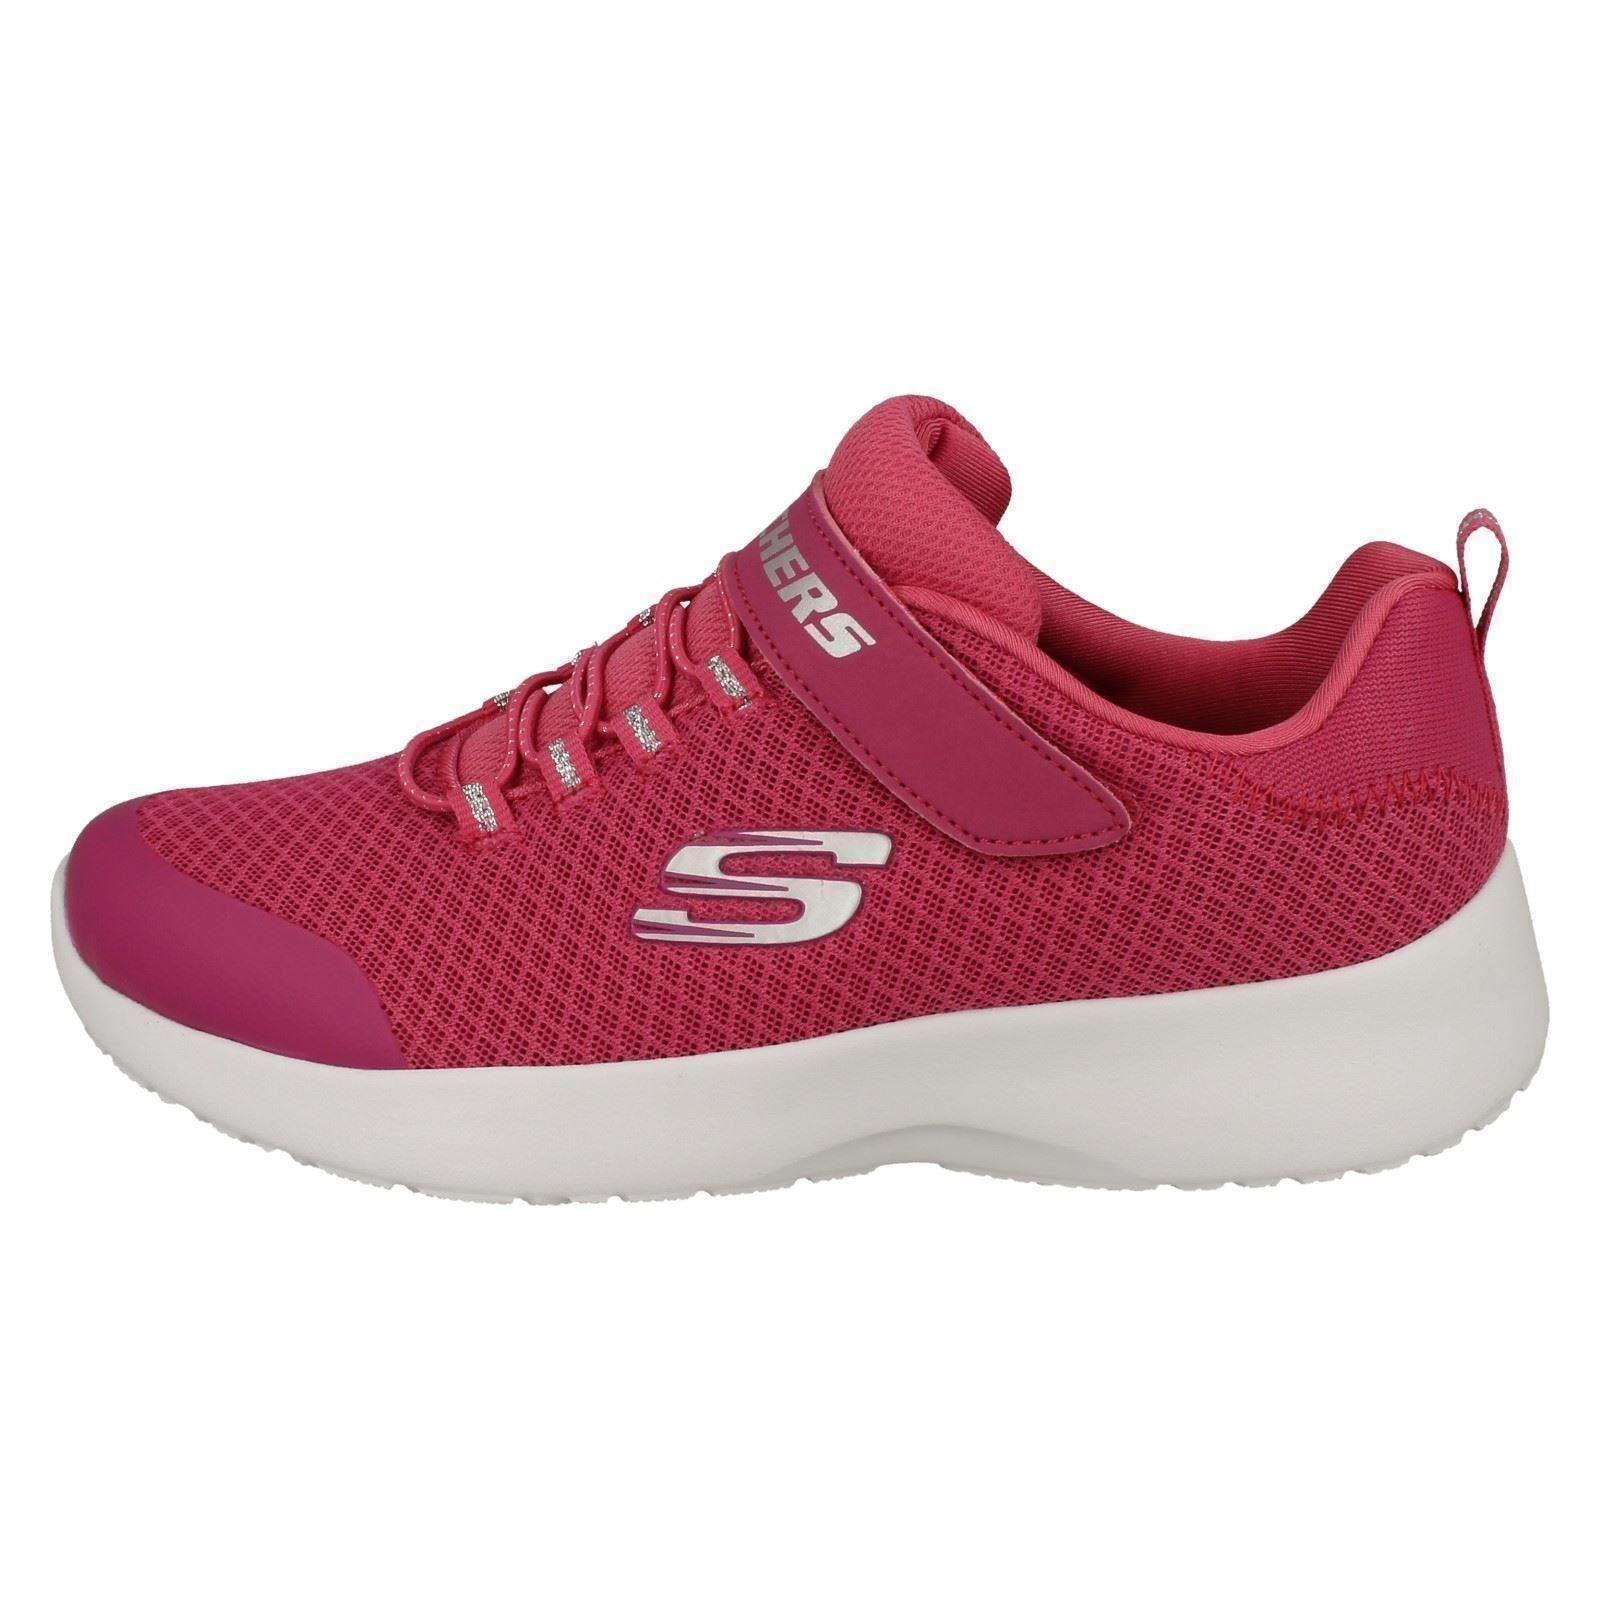 Scarpa sportiva bambina|SKECHERS 81301L turchese|Spedizione